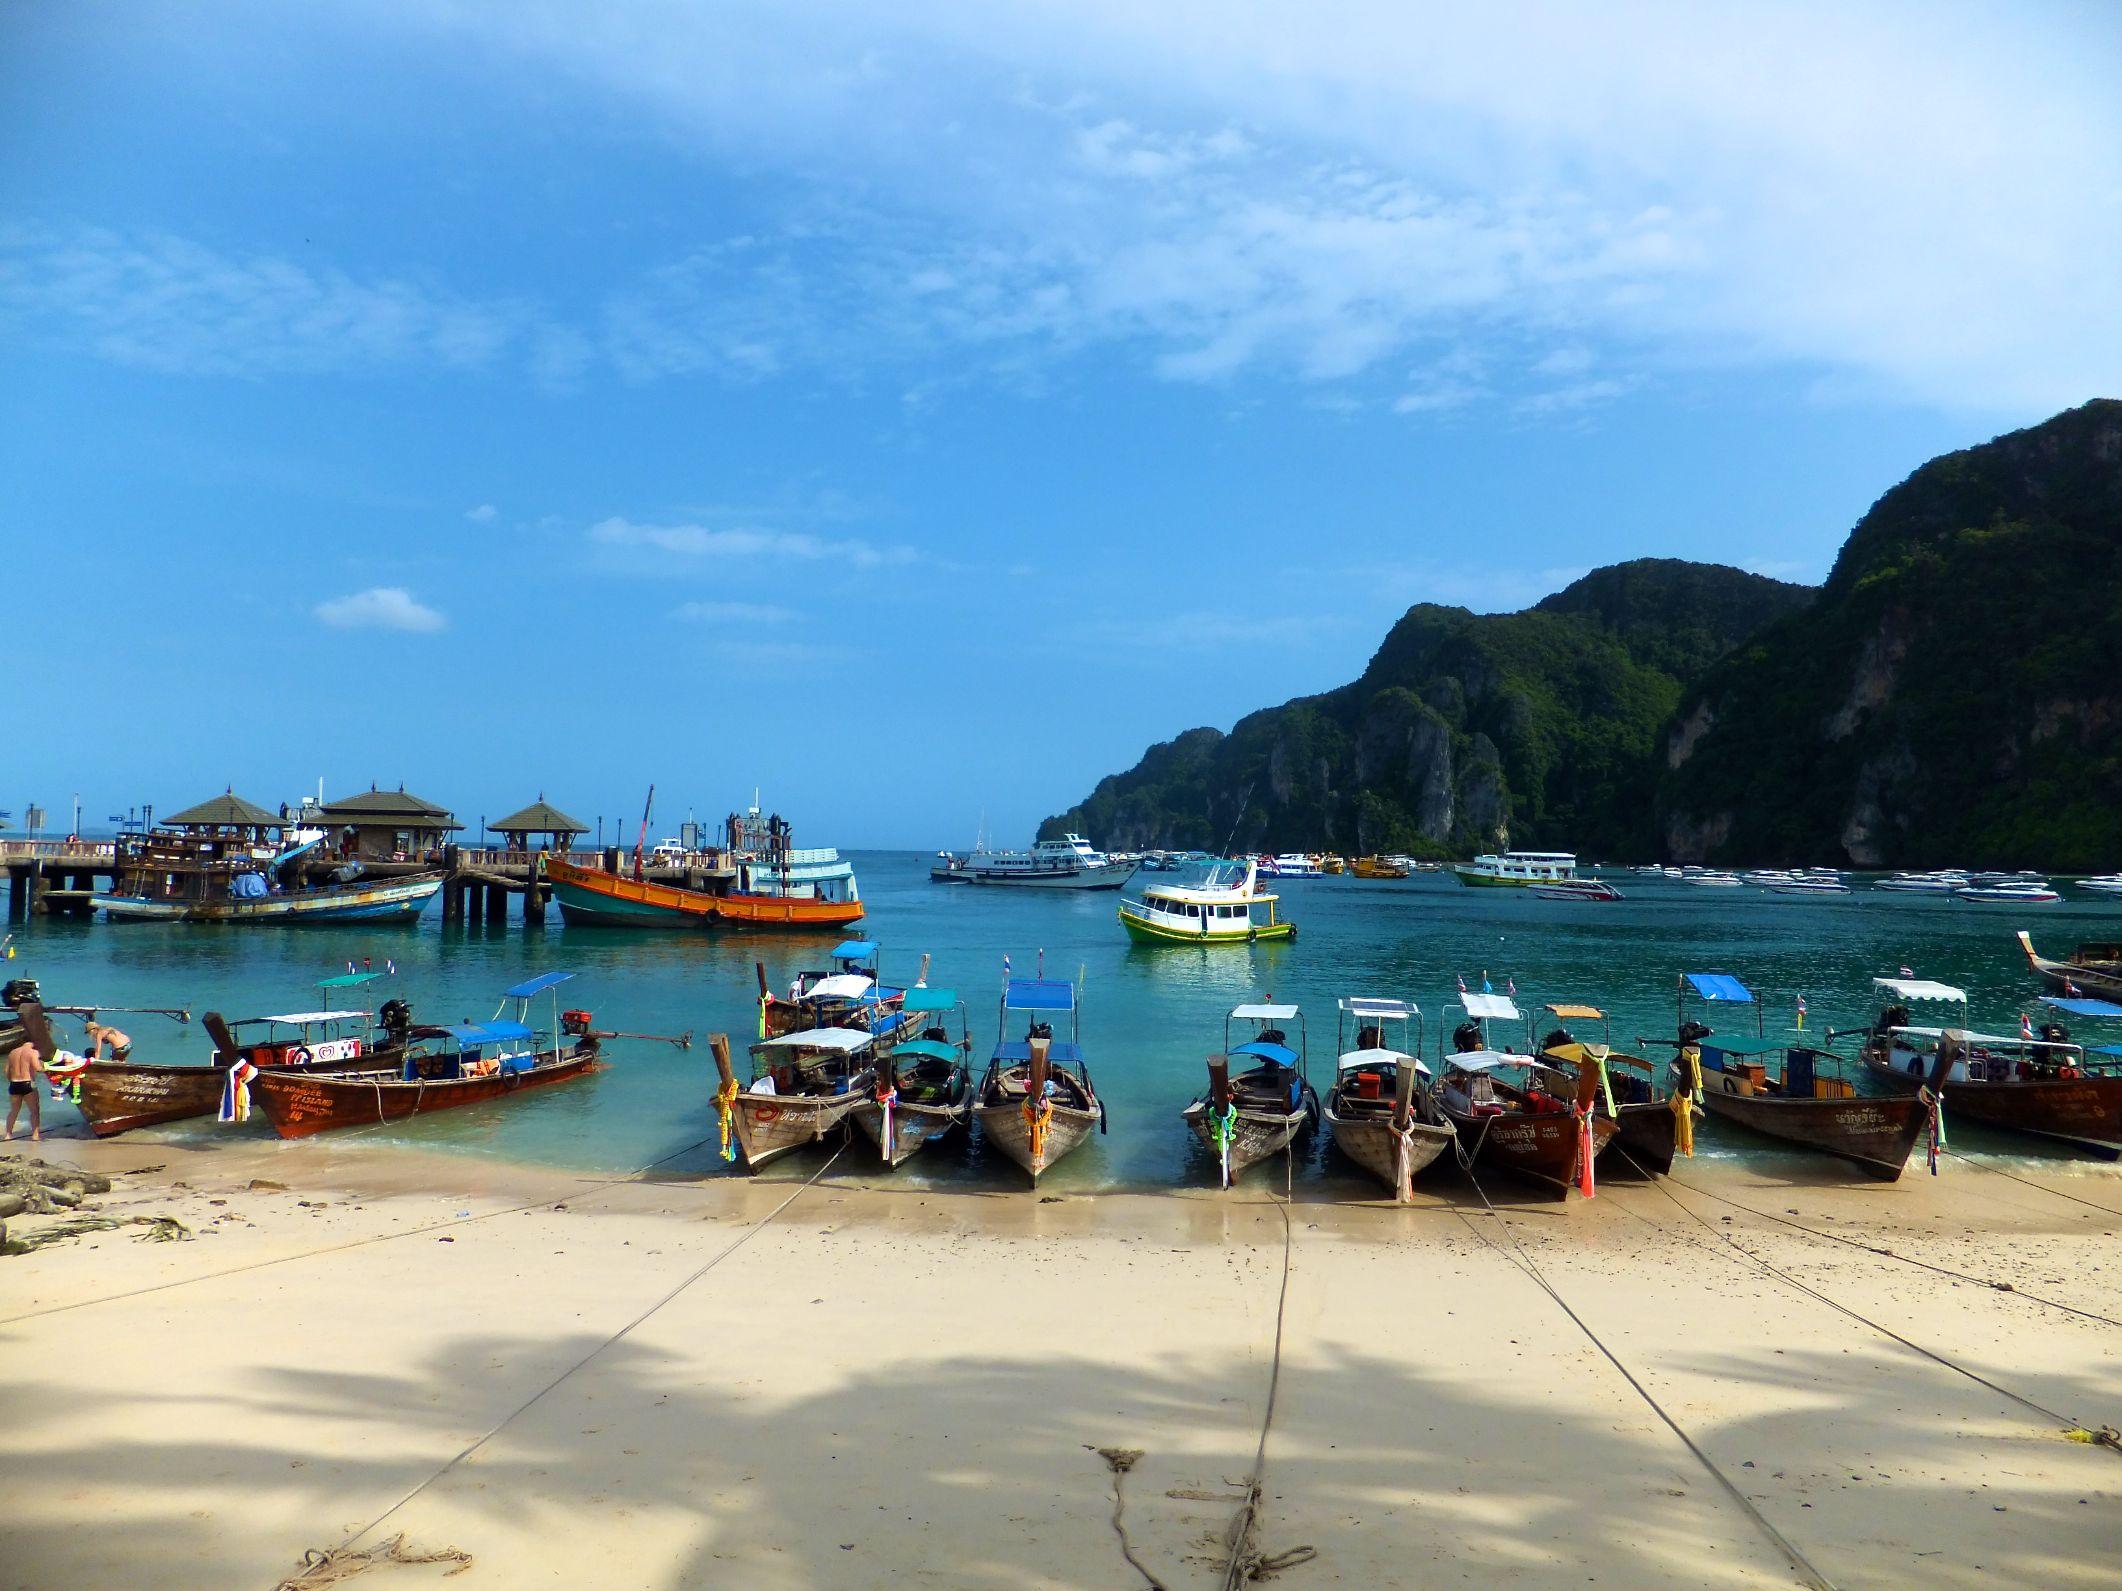 Koh Phi Phi Don am Hafen